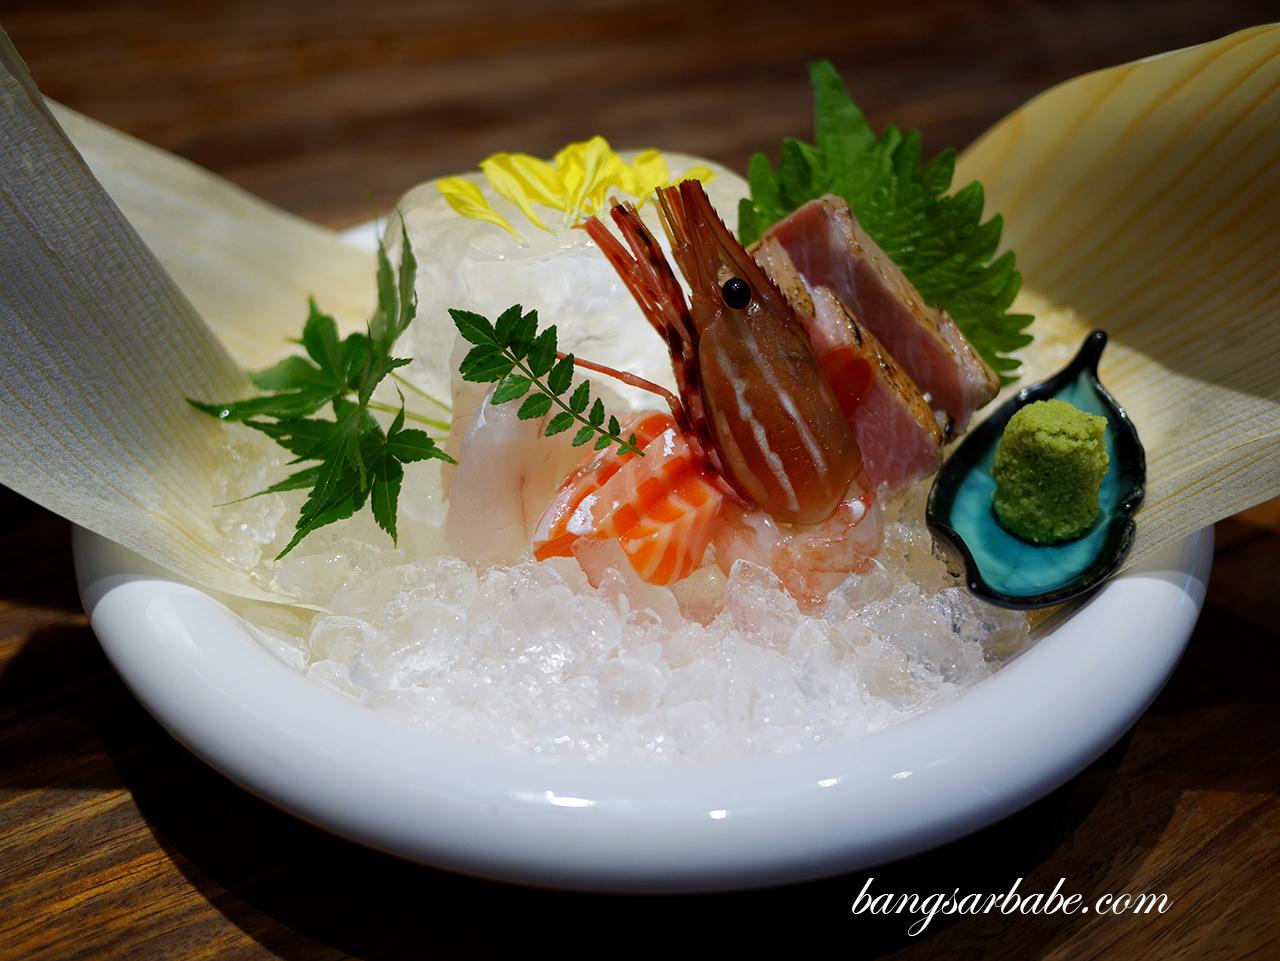 Omakase 7 Course (sashimi)